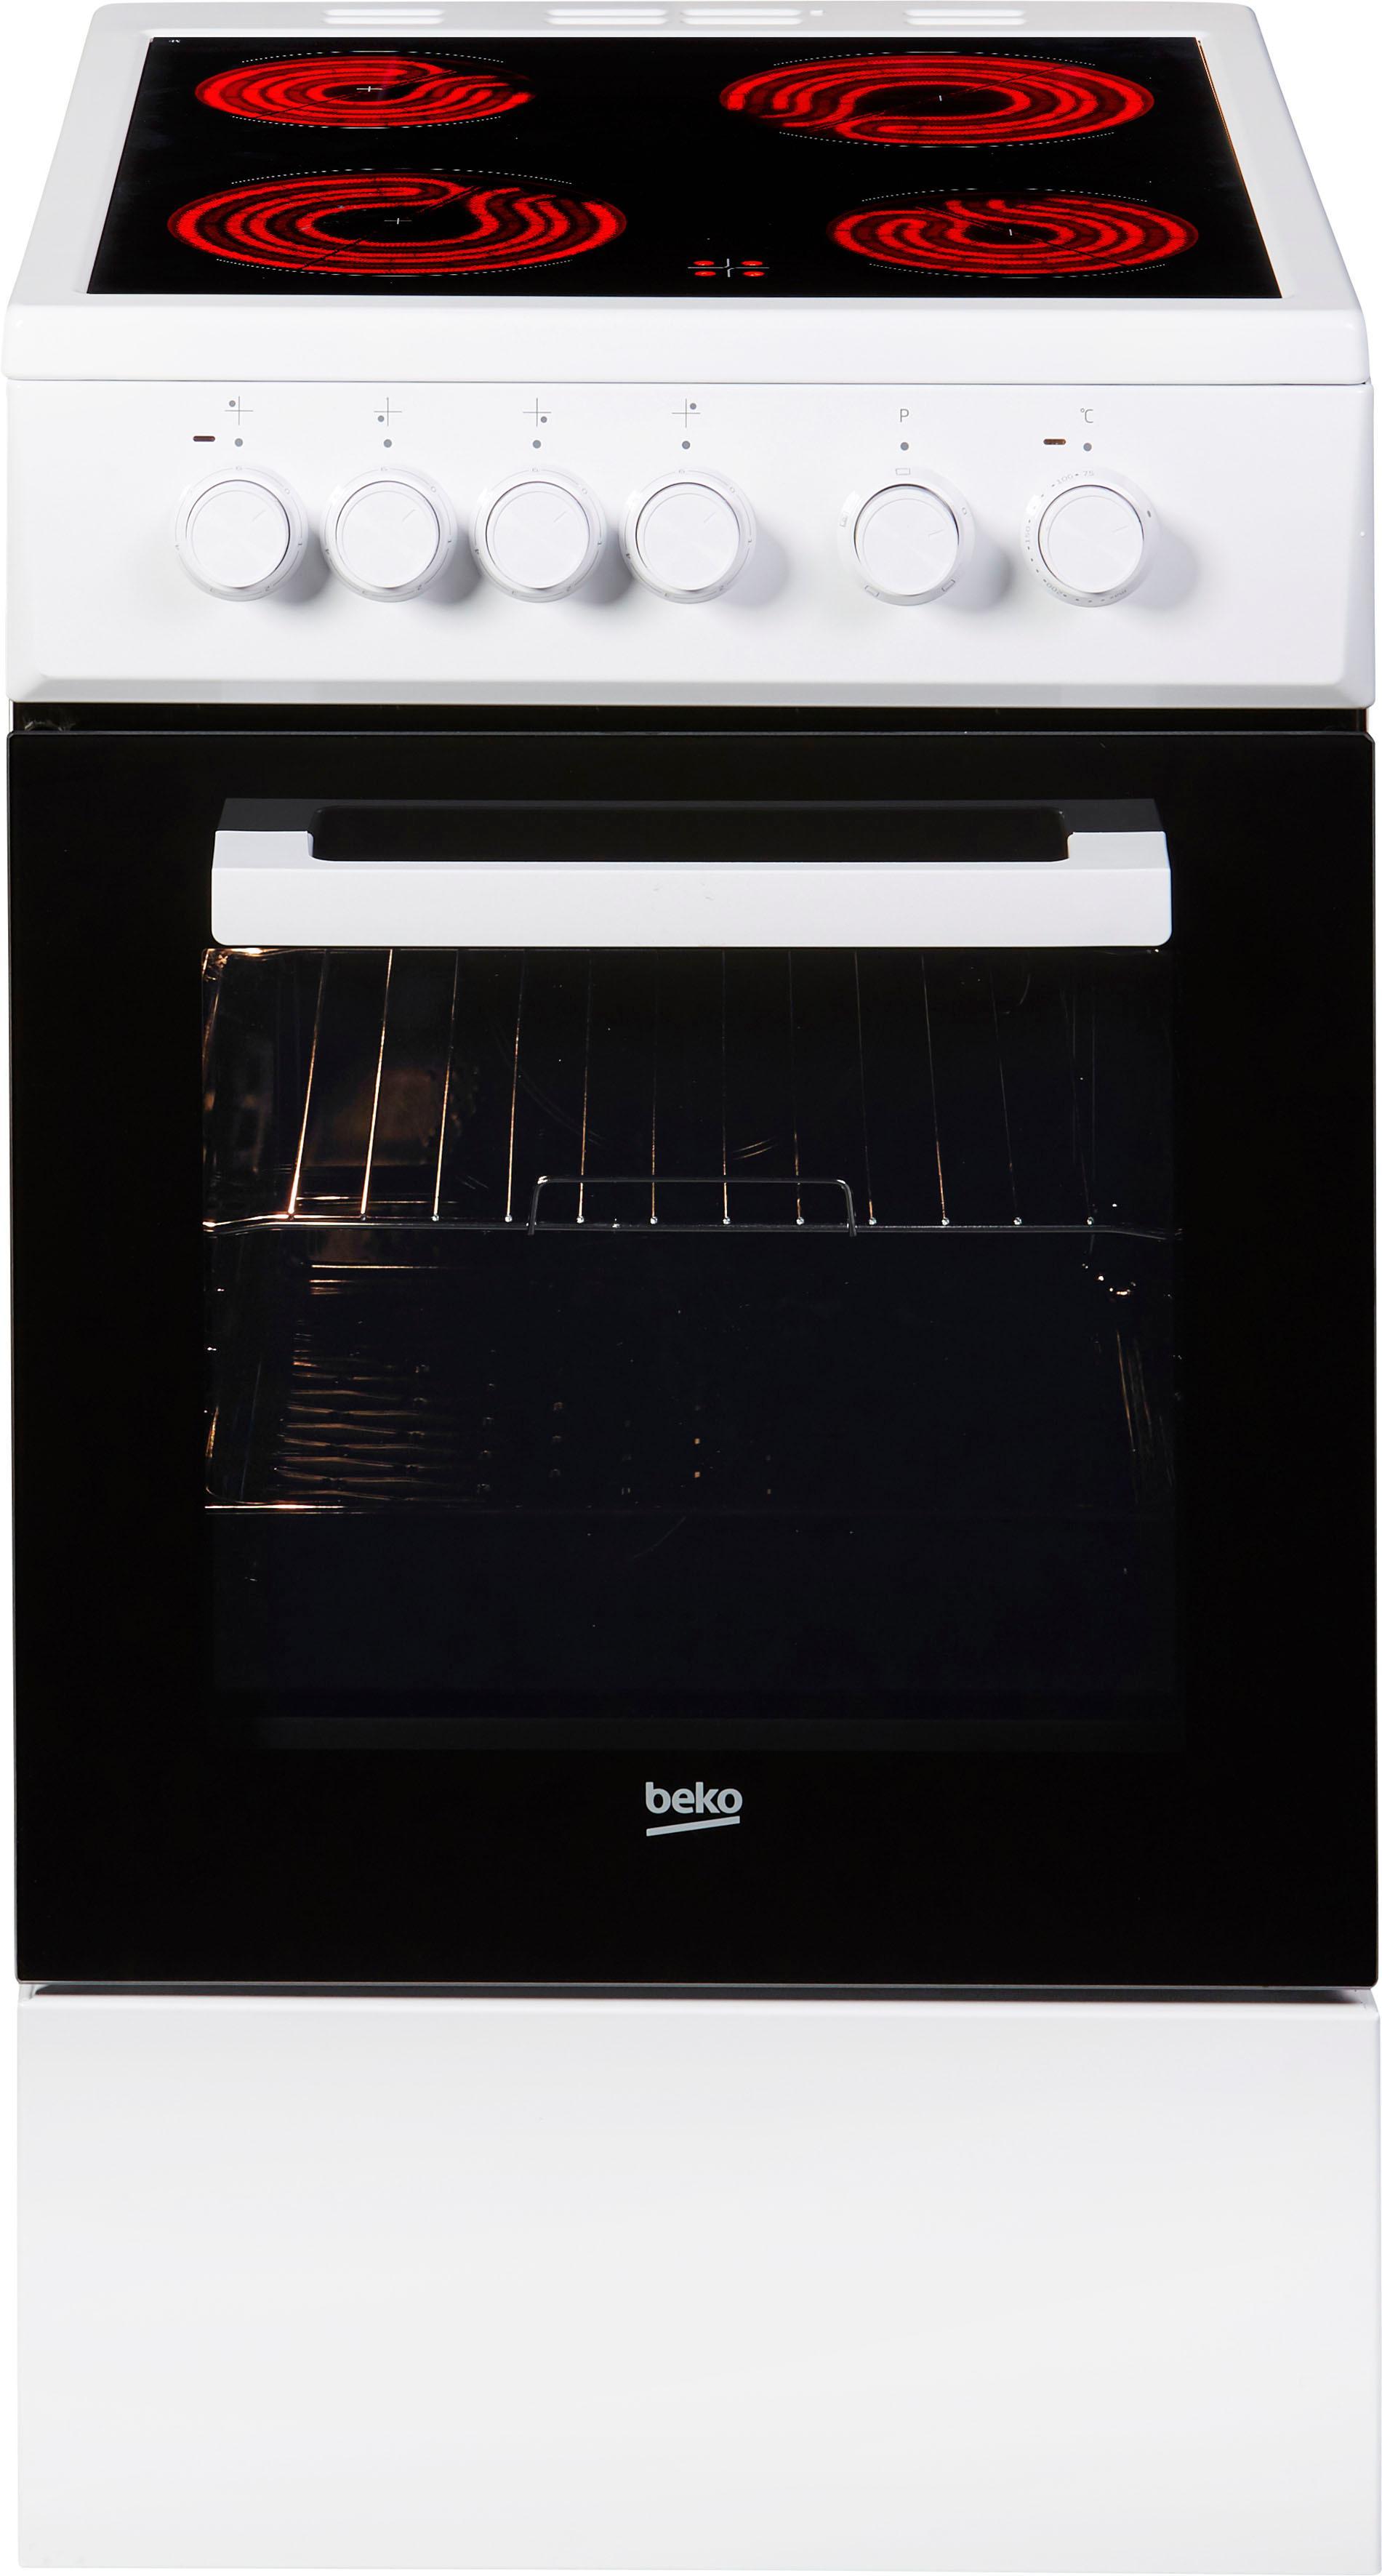 BEKO Elektro-Standherd FSS57000GW, FSS57000GW, mit Backauszug, Simple Steam Reinigungsfunktion, mit Kleinflächengrill